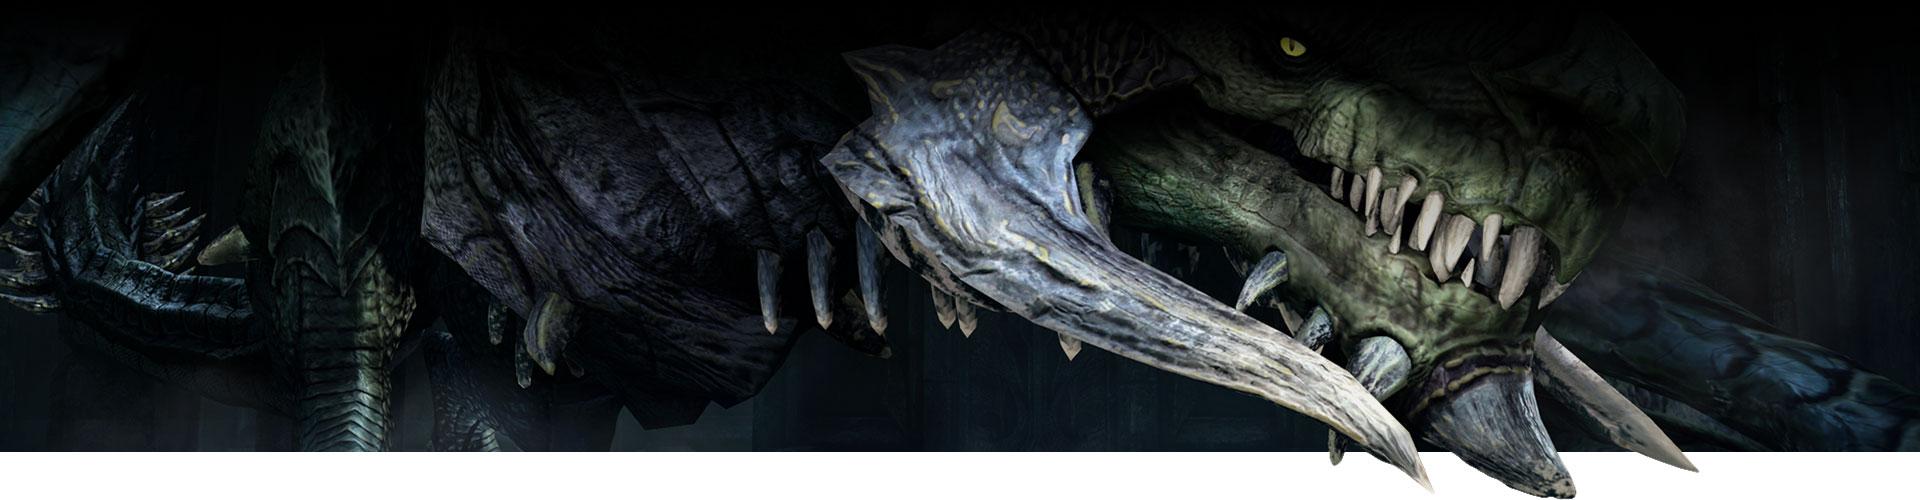 Vue rapprochée du visage d'un dragon qui s'agenouille